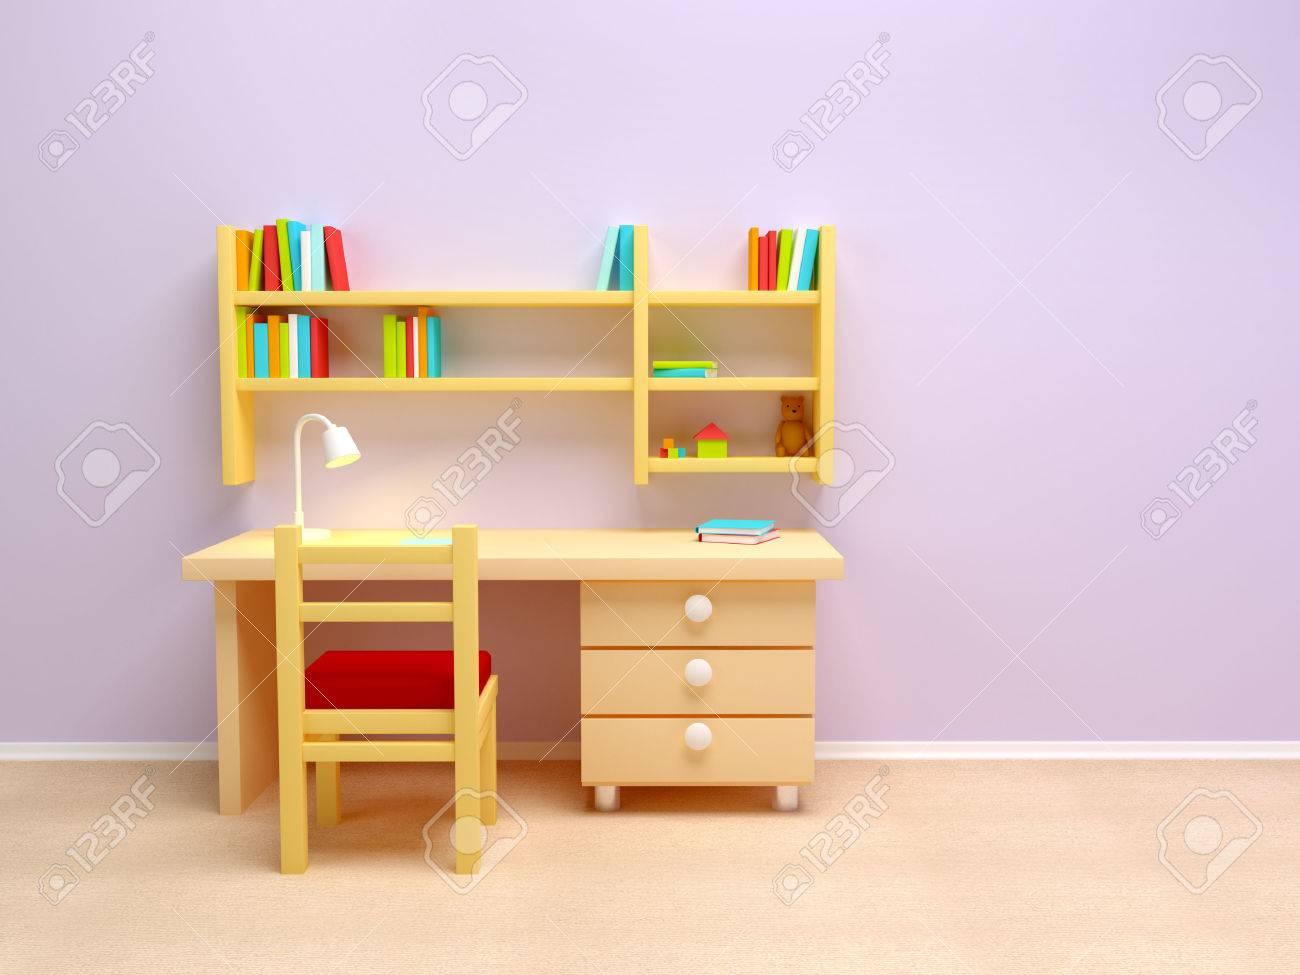 Schule Kinderzimmer Schreibtisch Mit Lampe Und Bucherregale